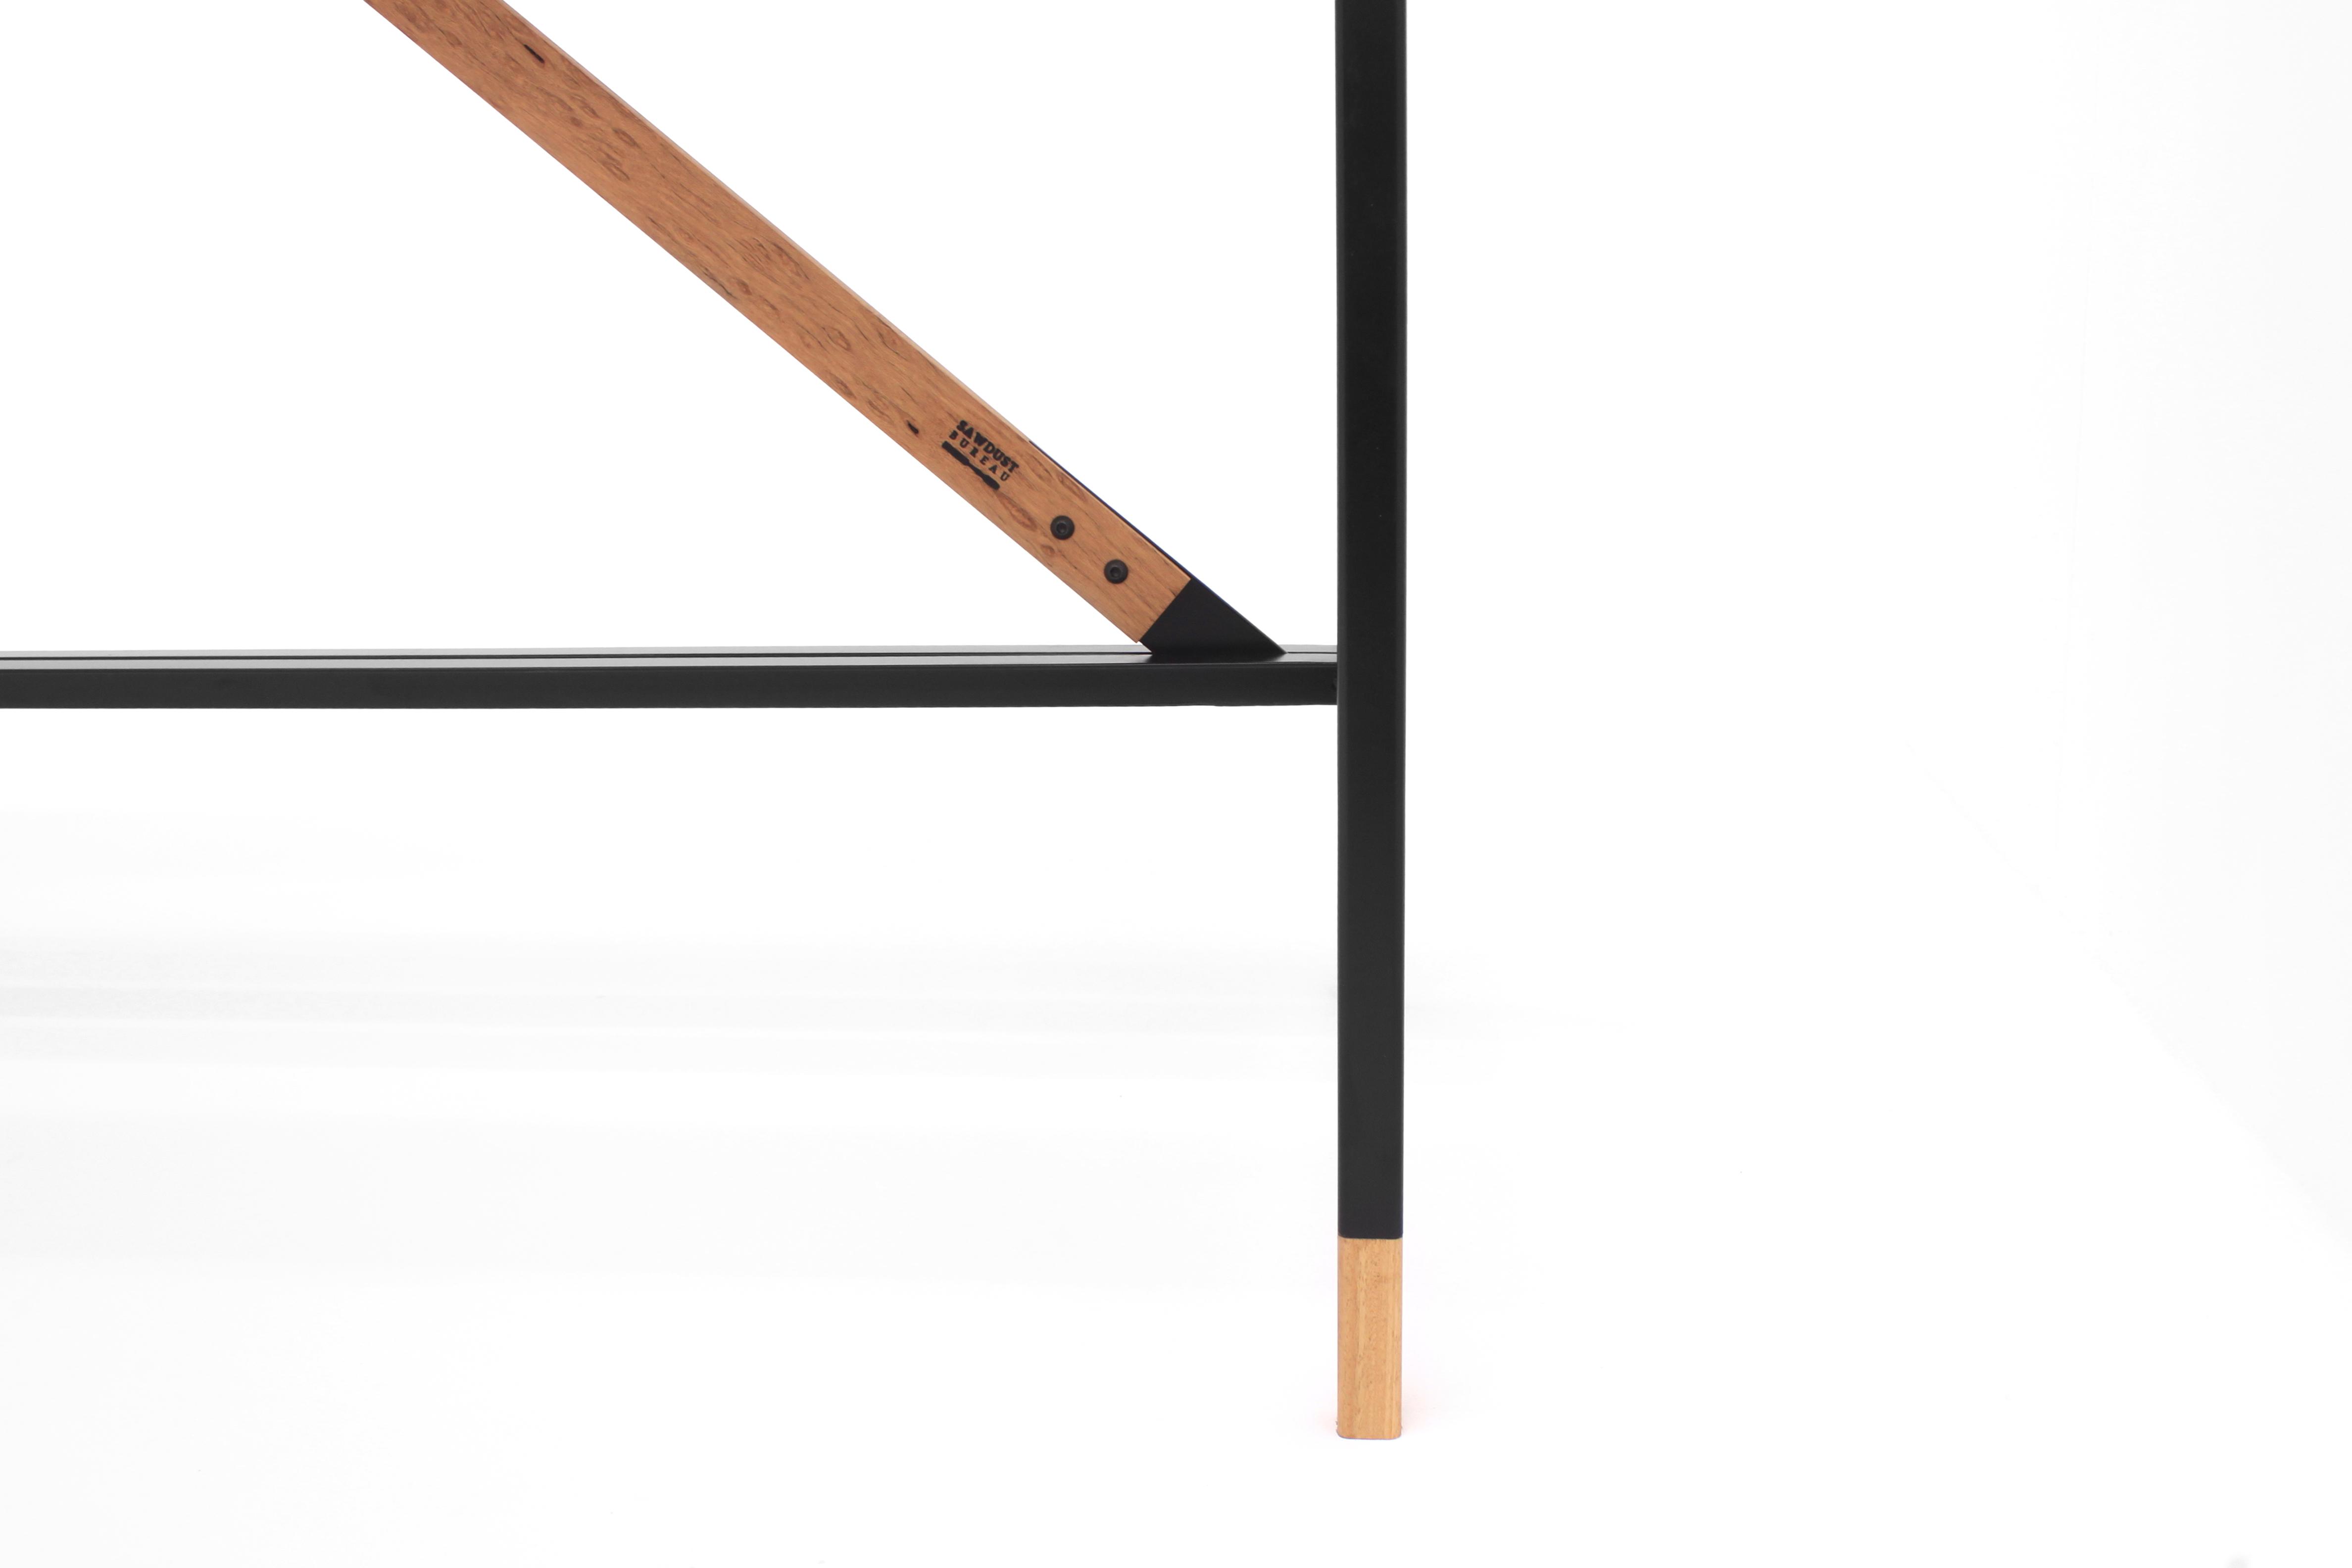 Struts Table by Sawdust Bureau_07